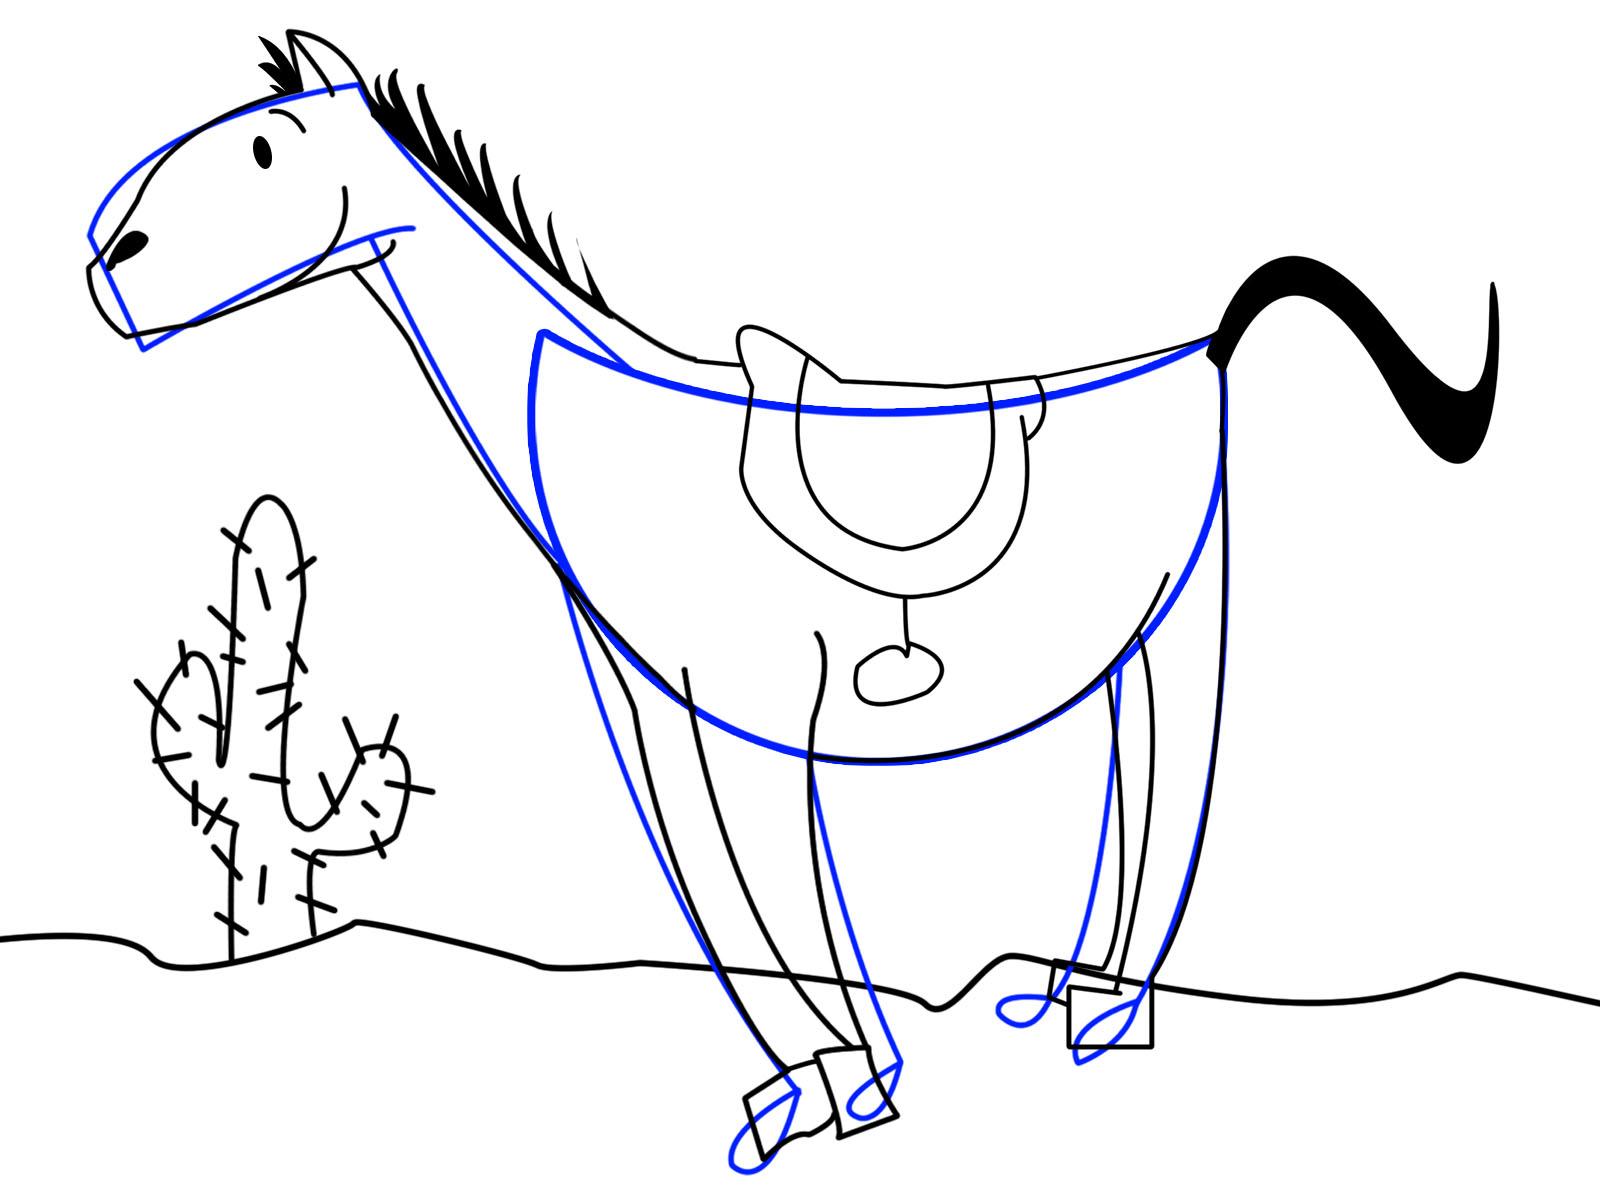 1600x1200 Cartoon Drawings Of Horses